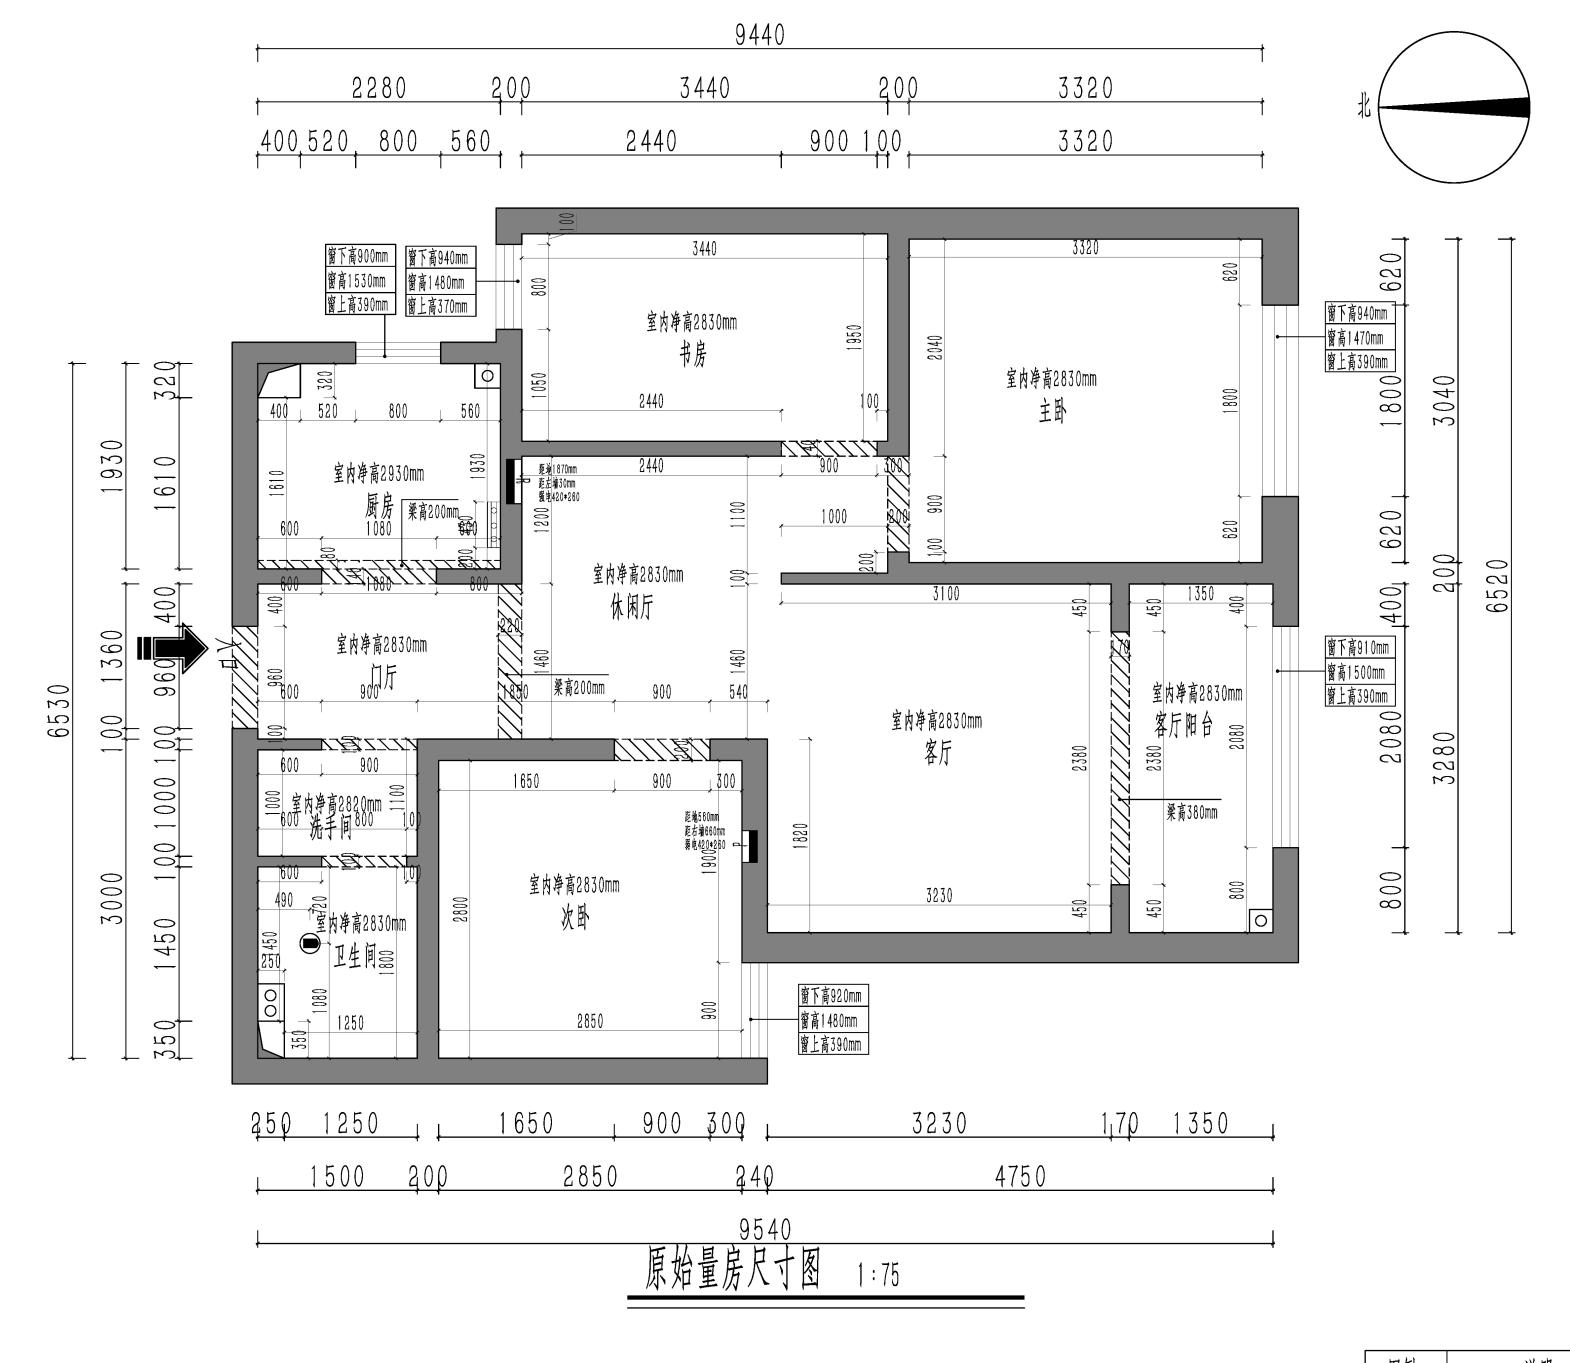 榆次蘭田傳奇91平米樣板間美式設計風格裝修設計理念